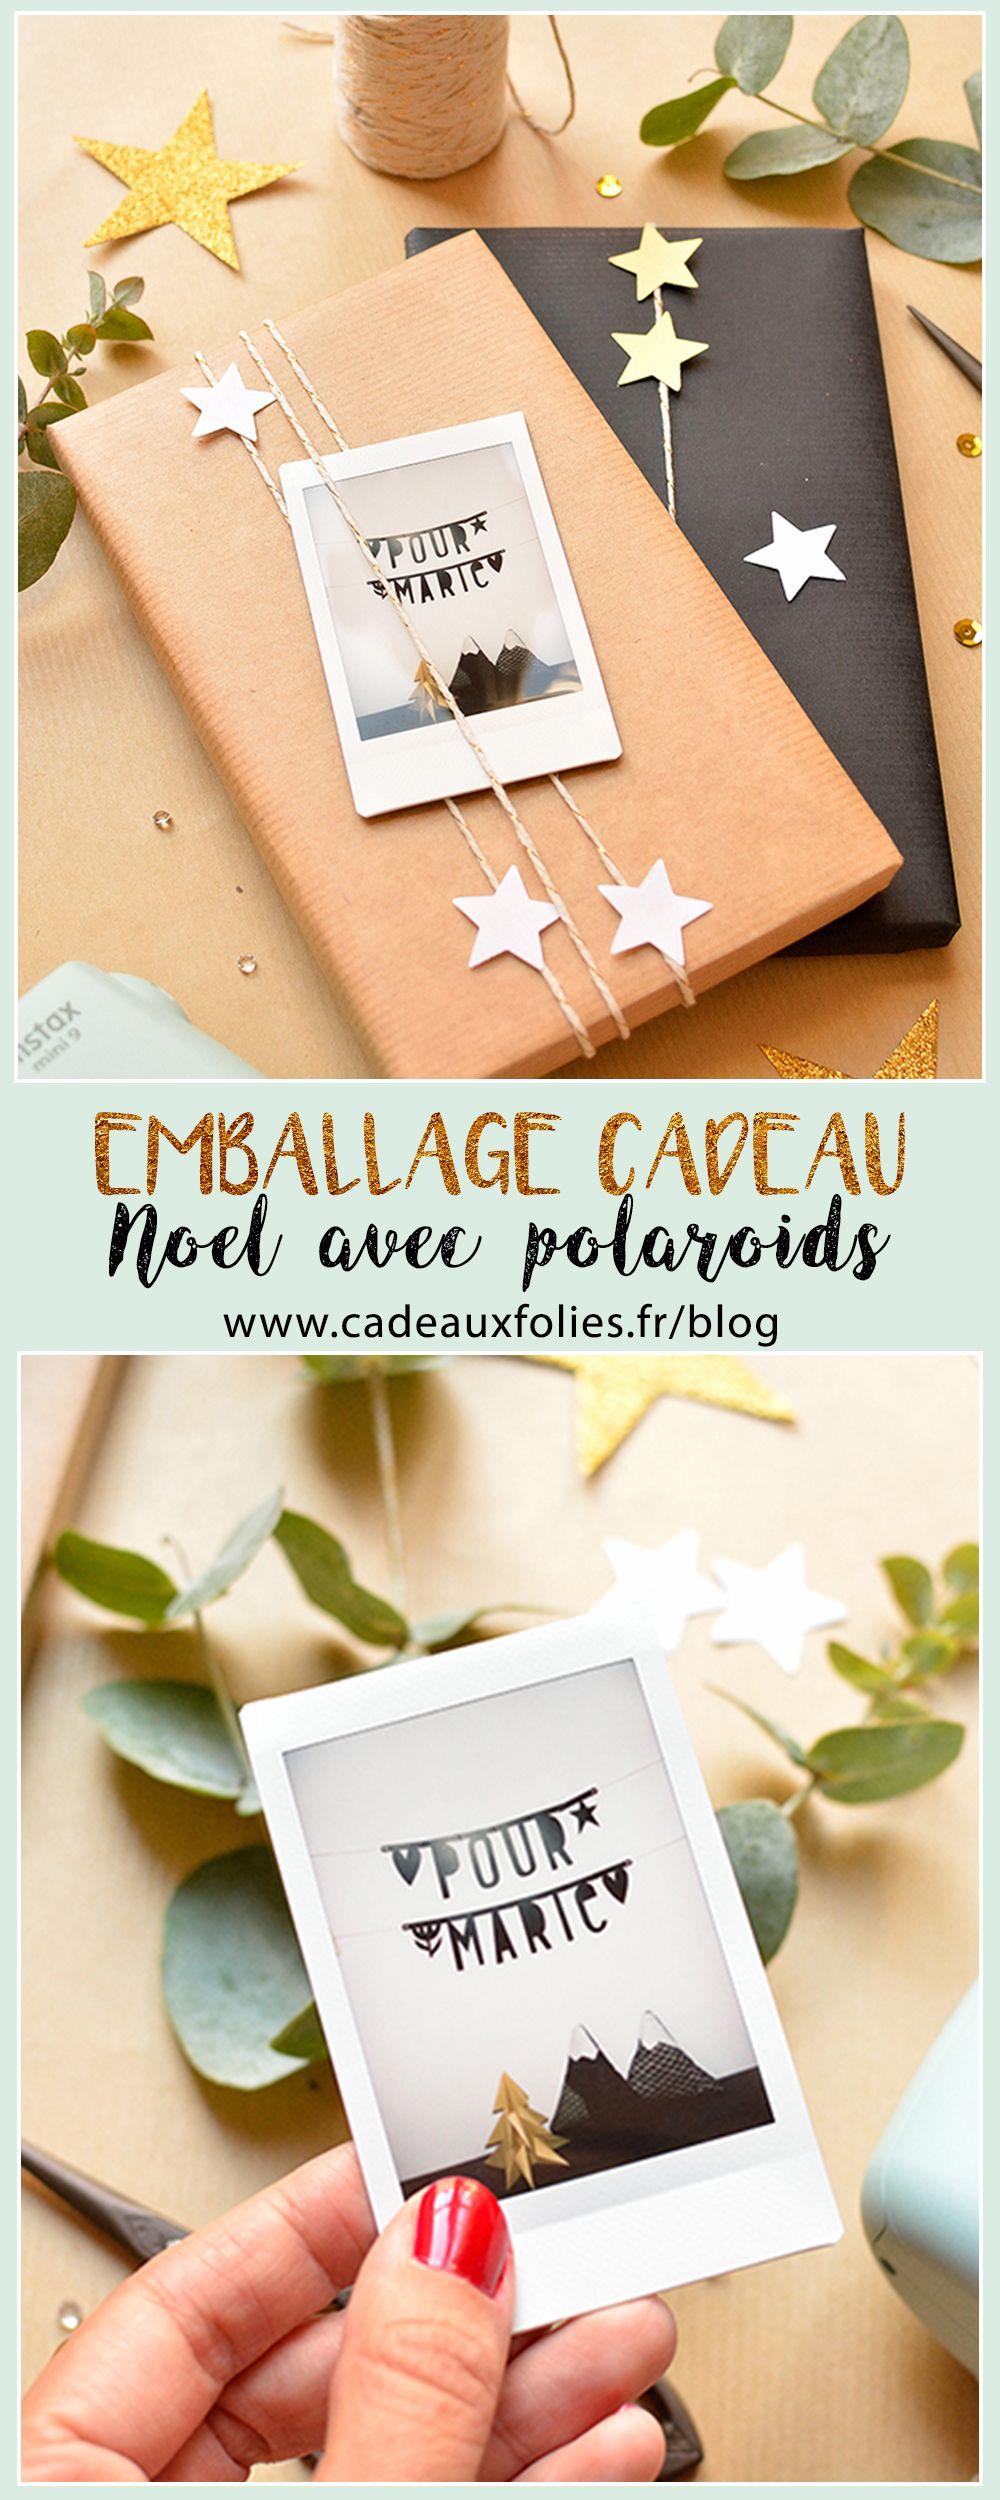 Fabrique un magnifique emballage cadeau de Noël maison | Emballage cadeaux de noël, Cadeau noel ...